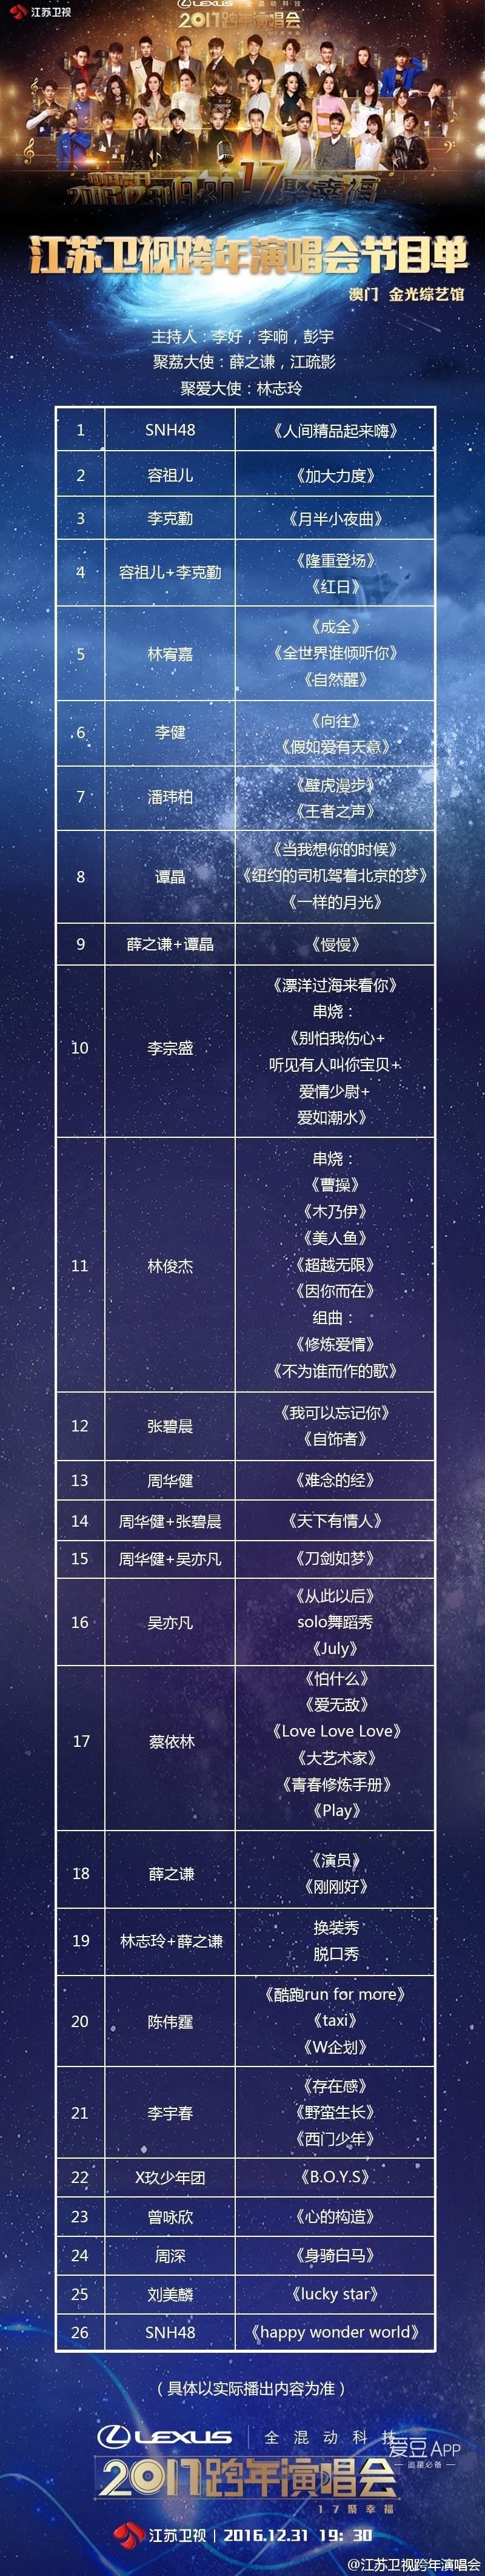 161231 江苏卫视跨年节目单新鲜出炉 吴亦凡将带来惊喜solo舞蹈秀